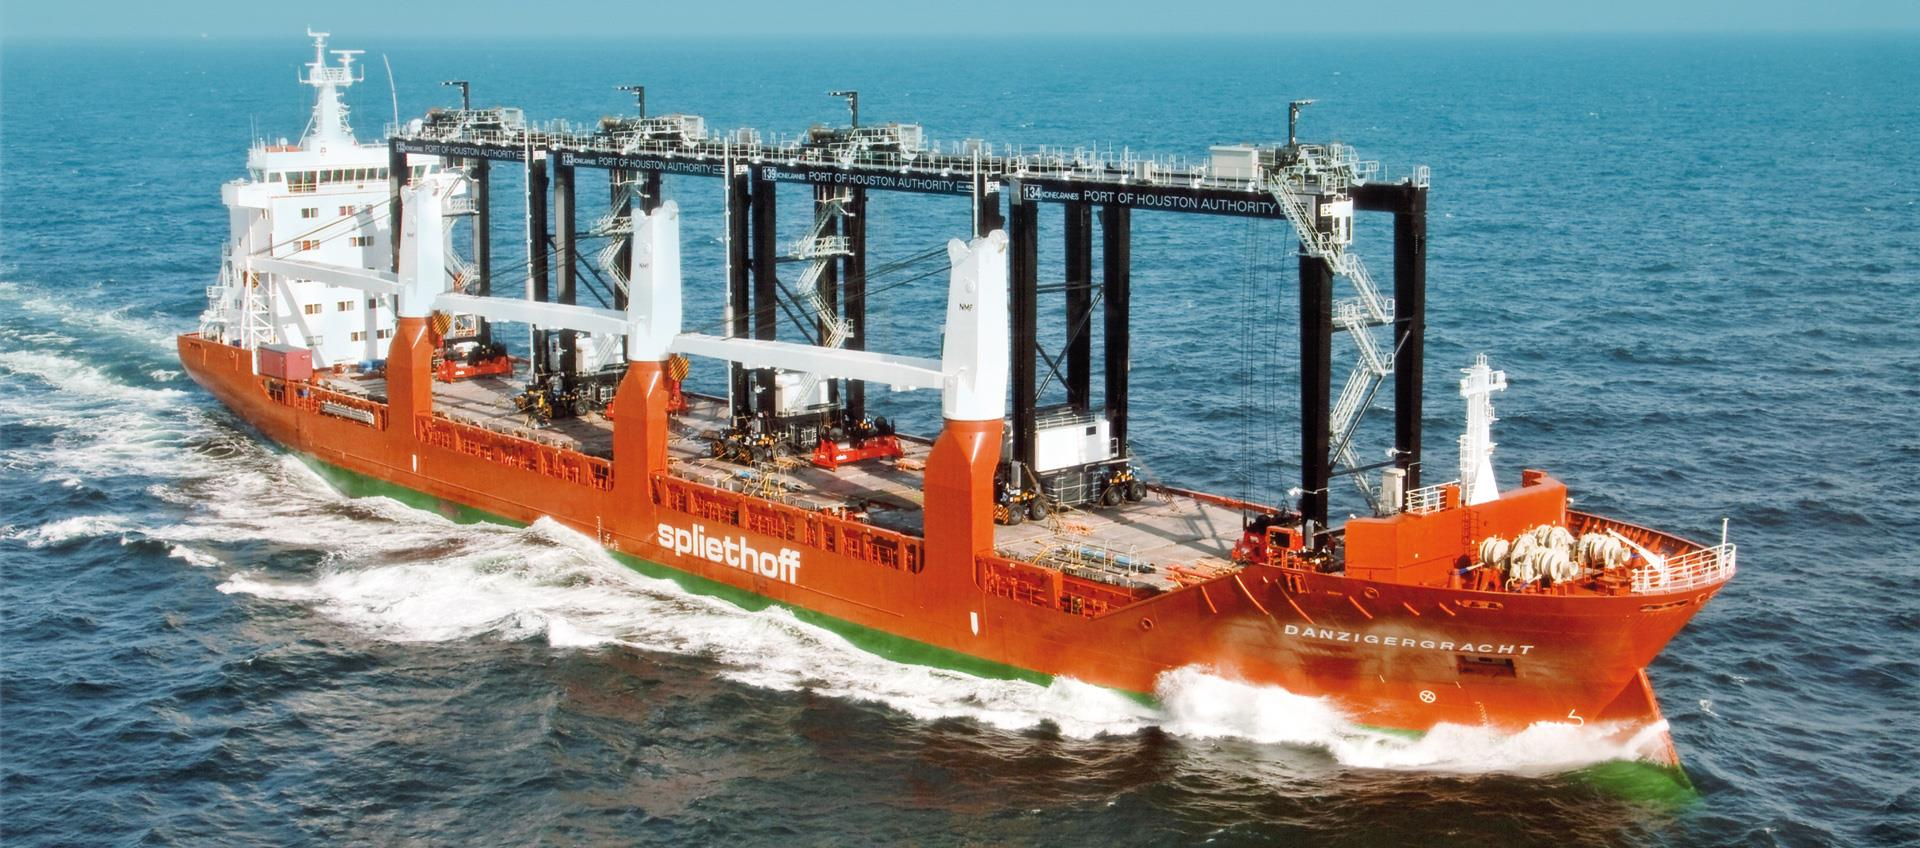 ING en EIB verstrekken 110 miljoen EUR voor investeringen in groene scheepvaart van Spliethoff